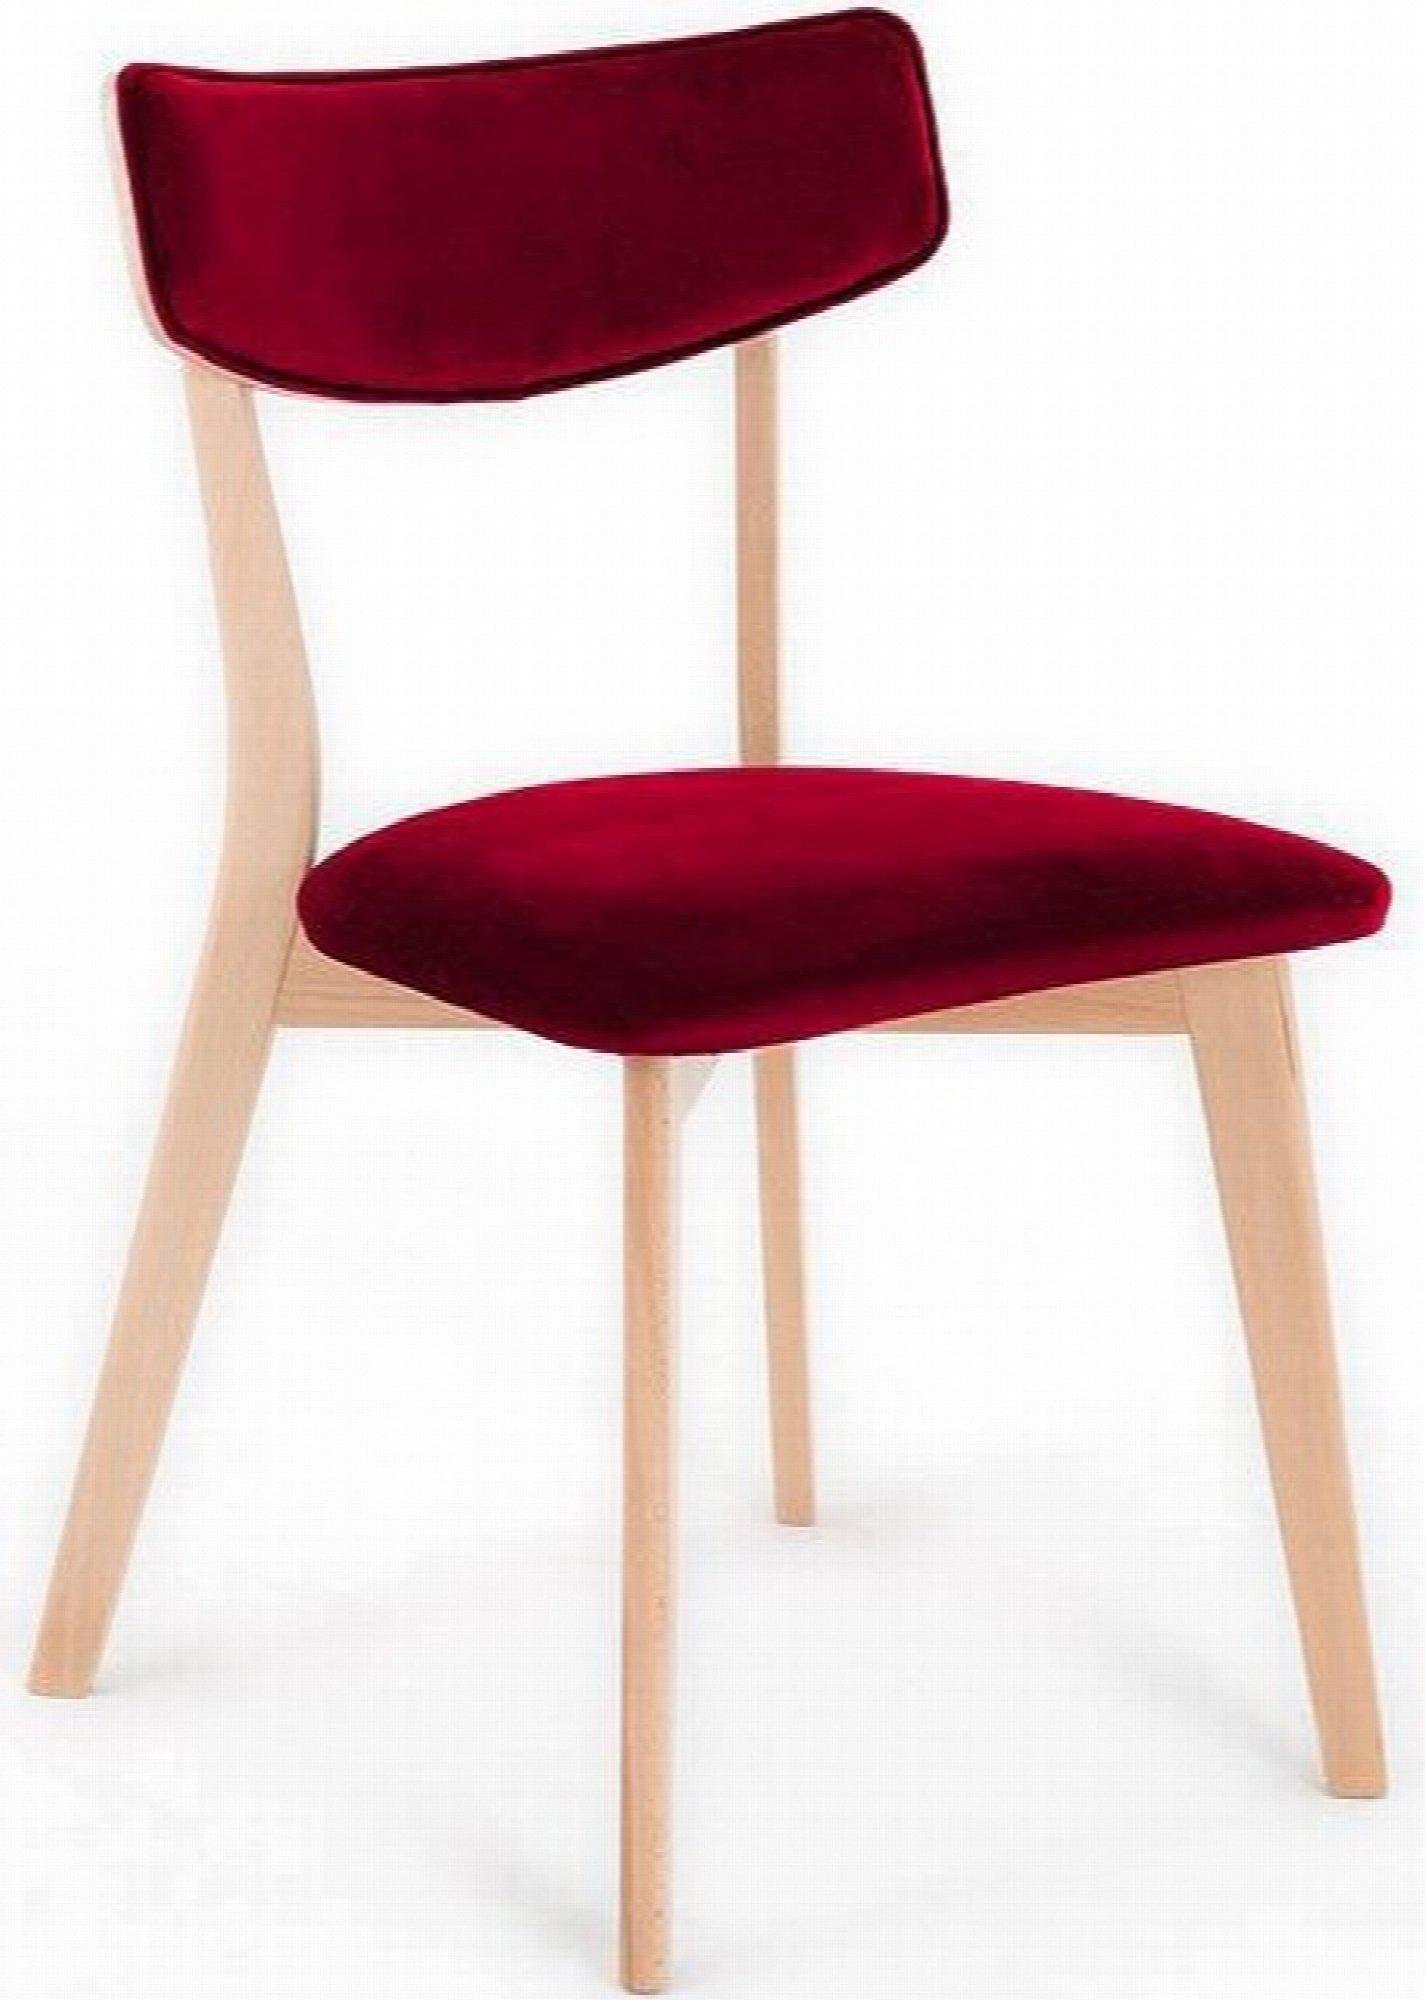 maison du monde Chaise design tradition velours rouge pieds bois clair